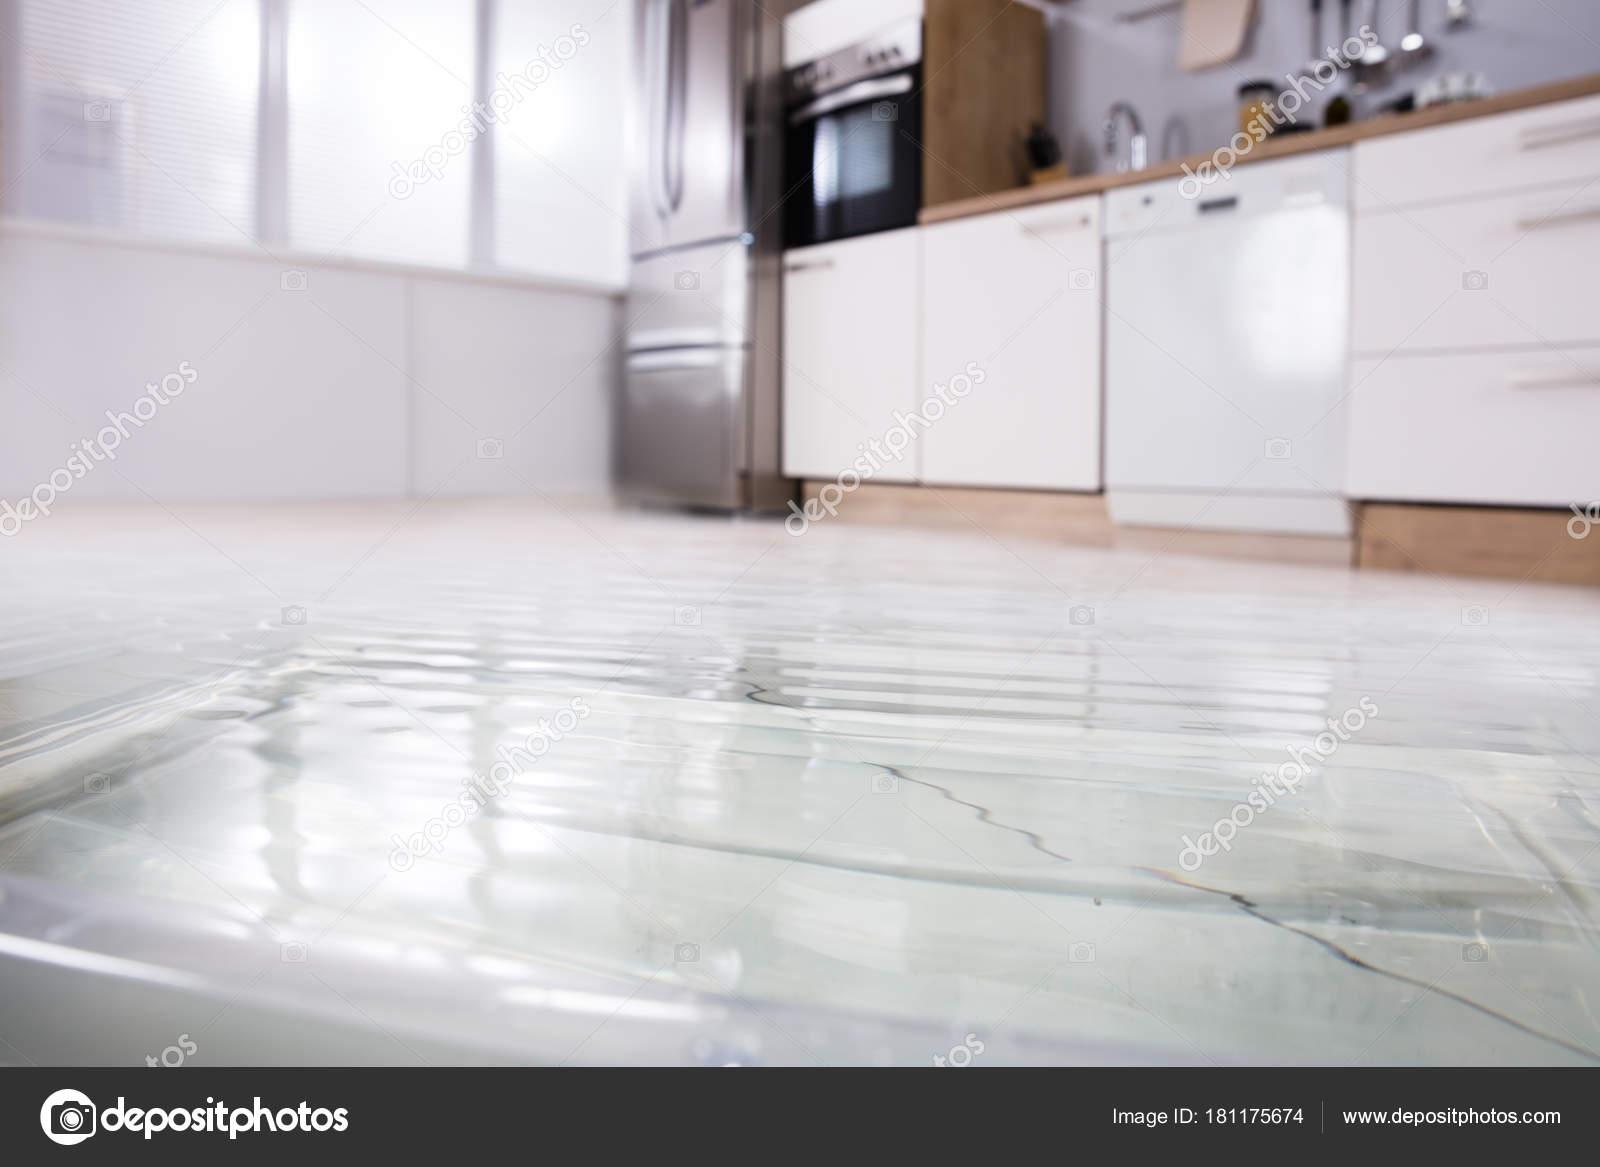 Vloer In Keuken : Close foto van natte vloer keuken van water lek u2014 stockfoto